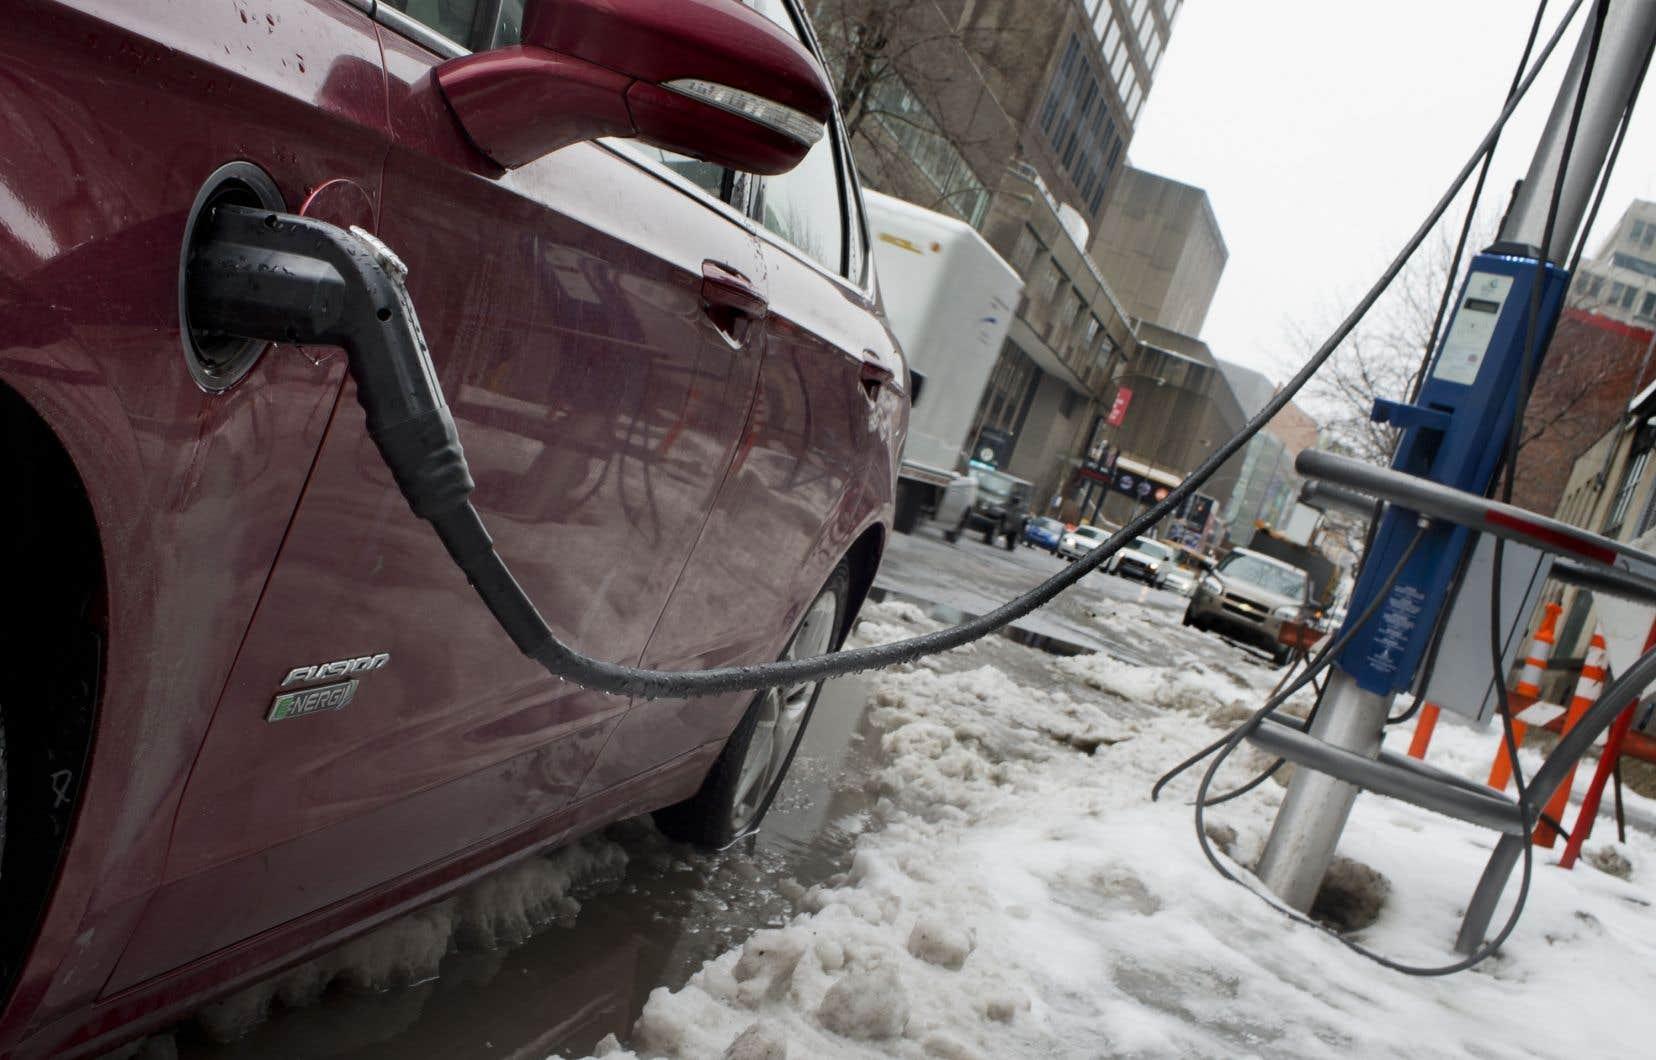 Hydro-Québec prévoit de déployer 1580 bornes publiques de recharge rapide pour véhicules électriques sur le territoire de la province.